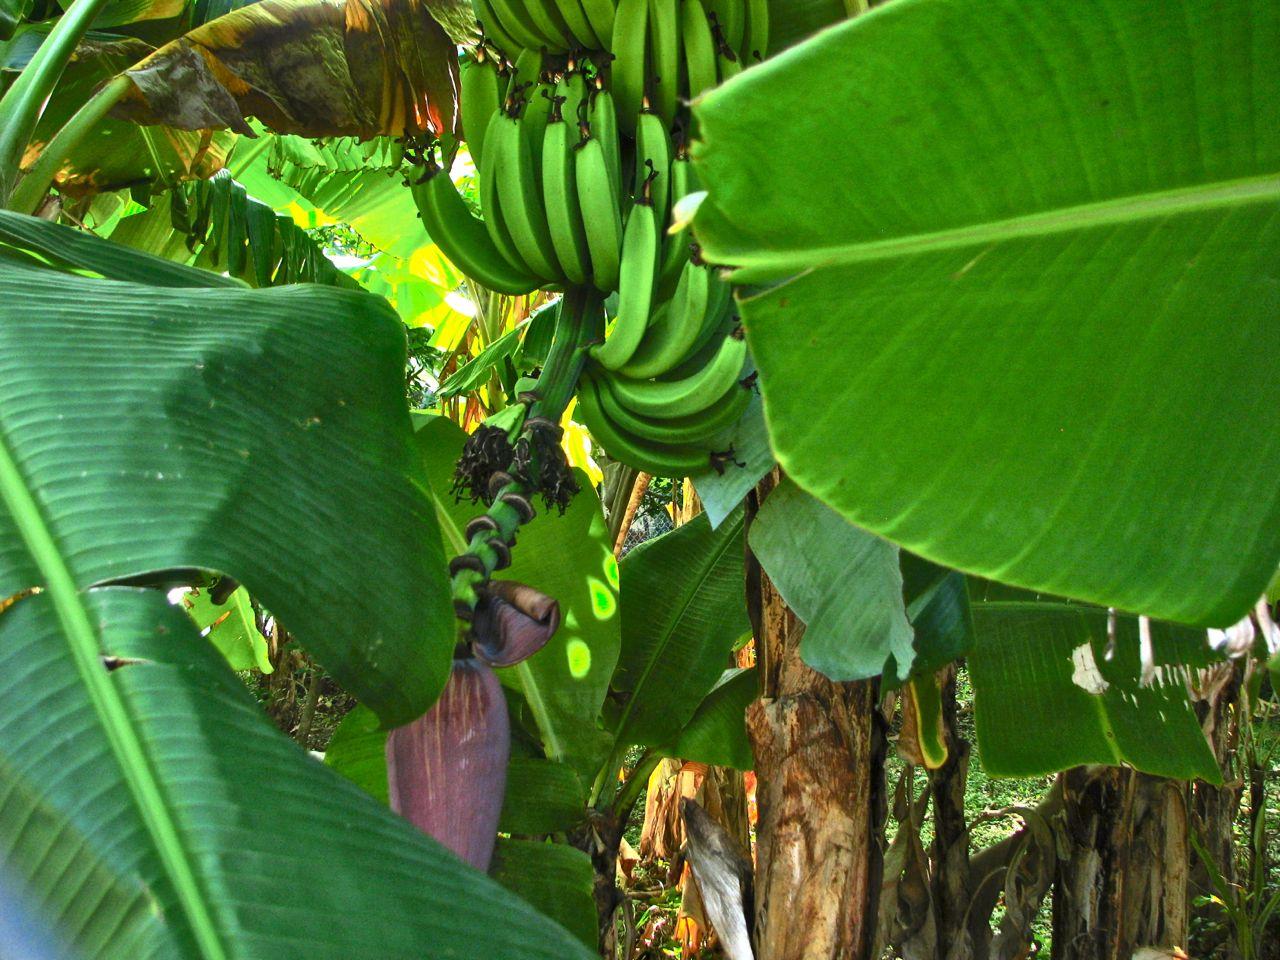 Boxhead 2 Banana